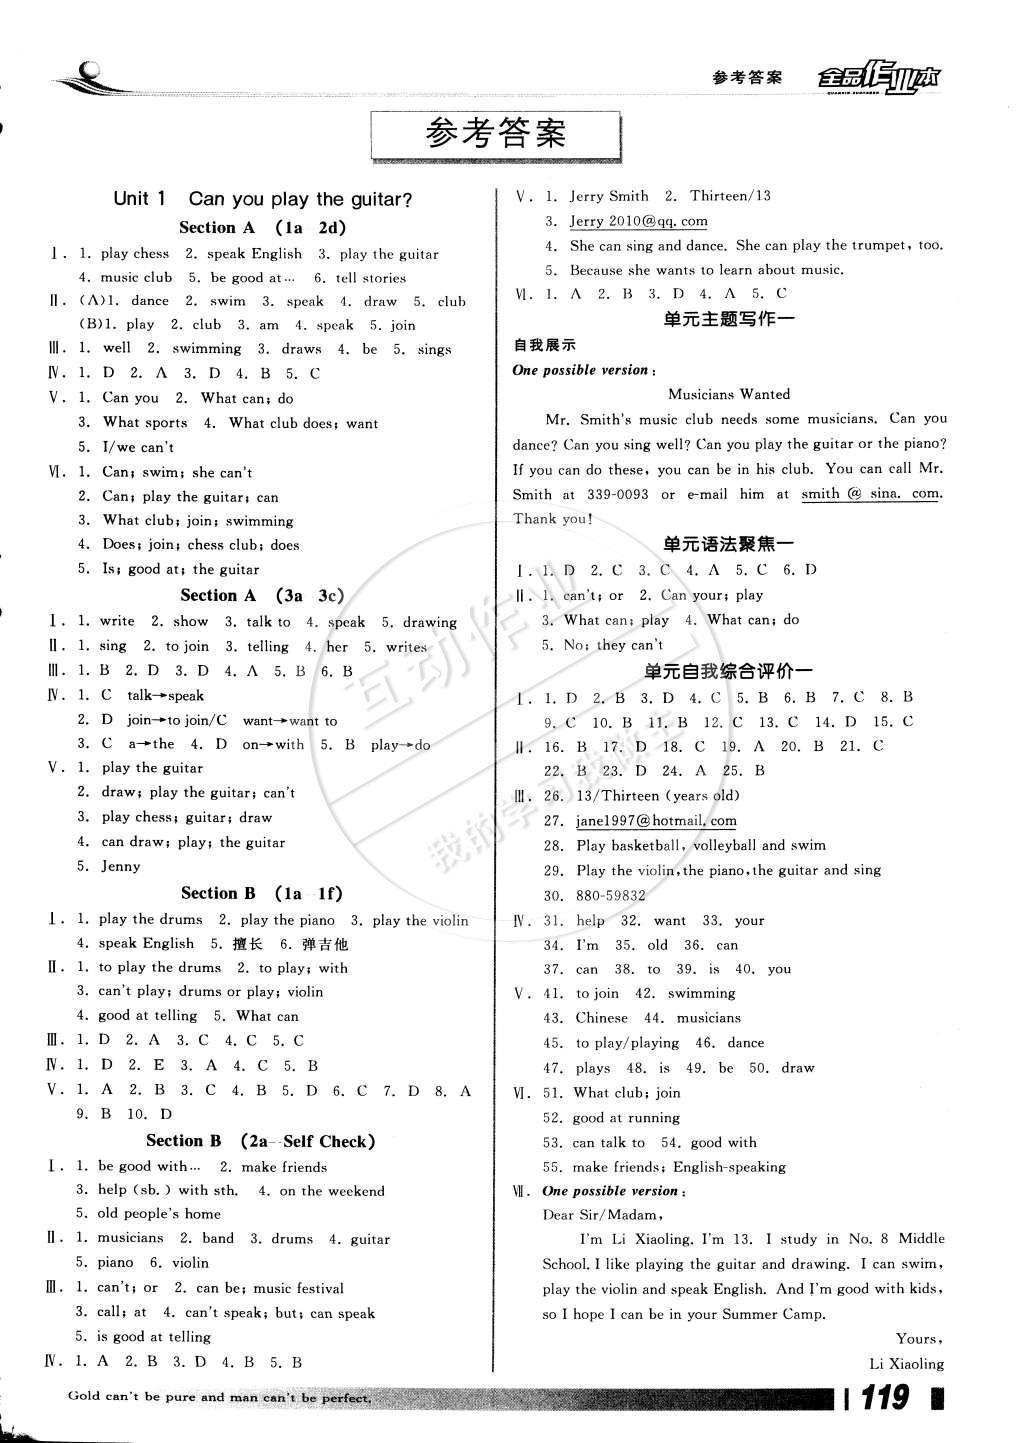 2015年全品作业本七年级英语下册人教版参考答案第71页